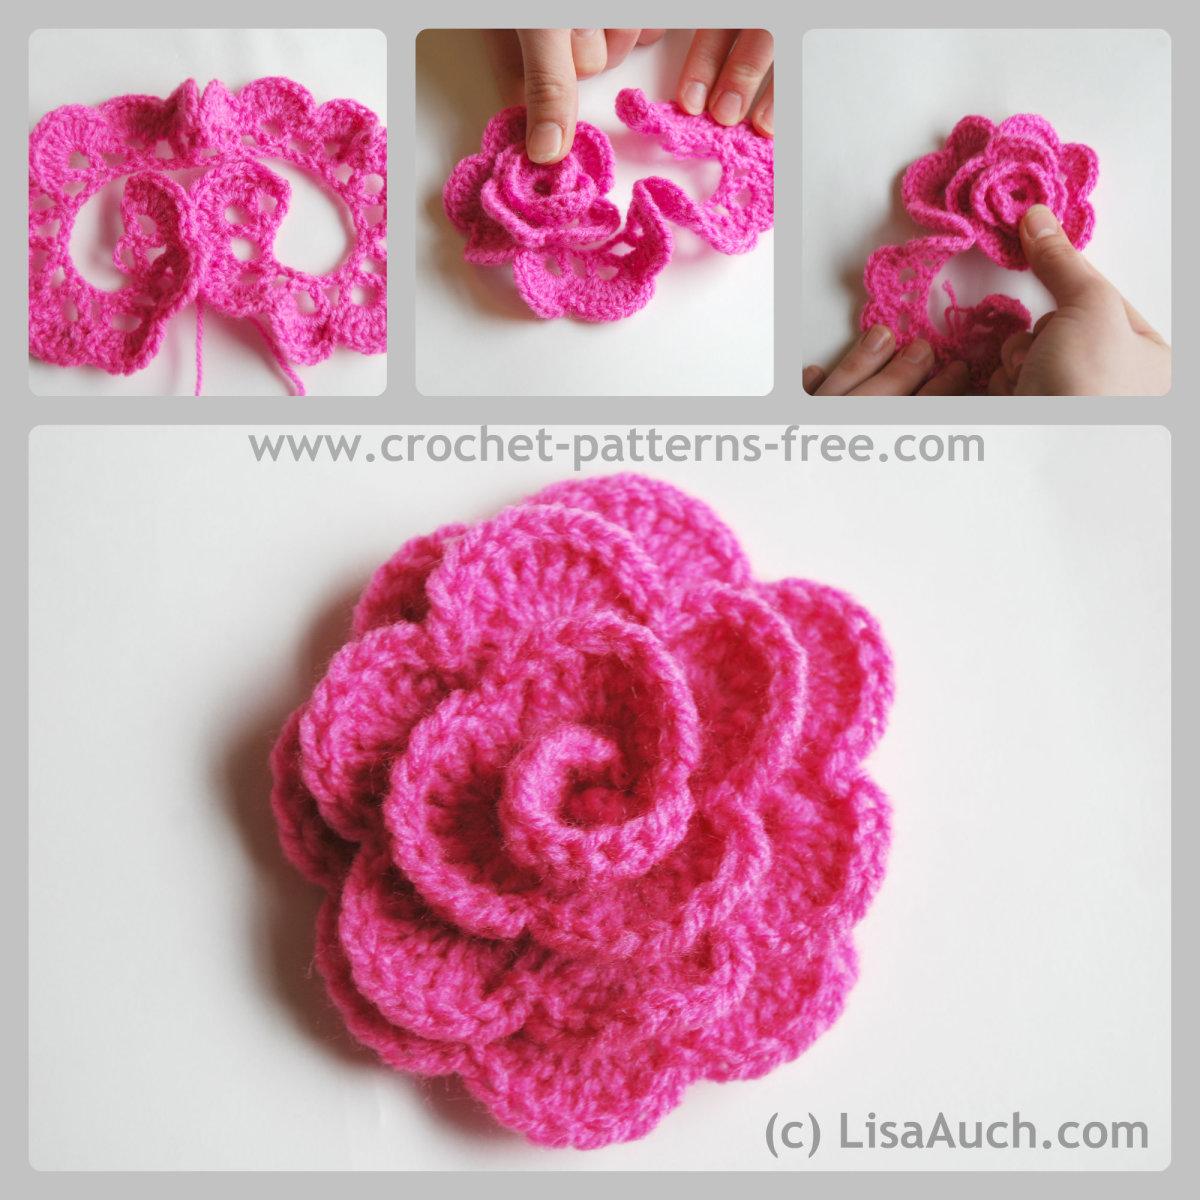 Free Crochet Double Flower Pattern : Free Crochet Flower Patterns